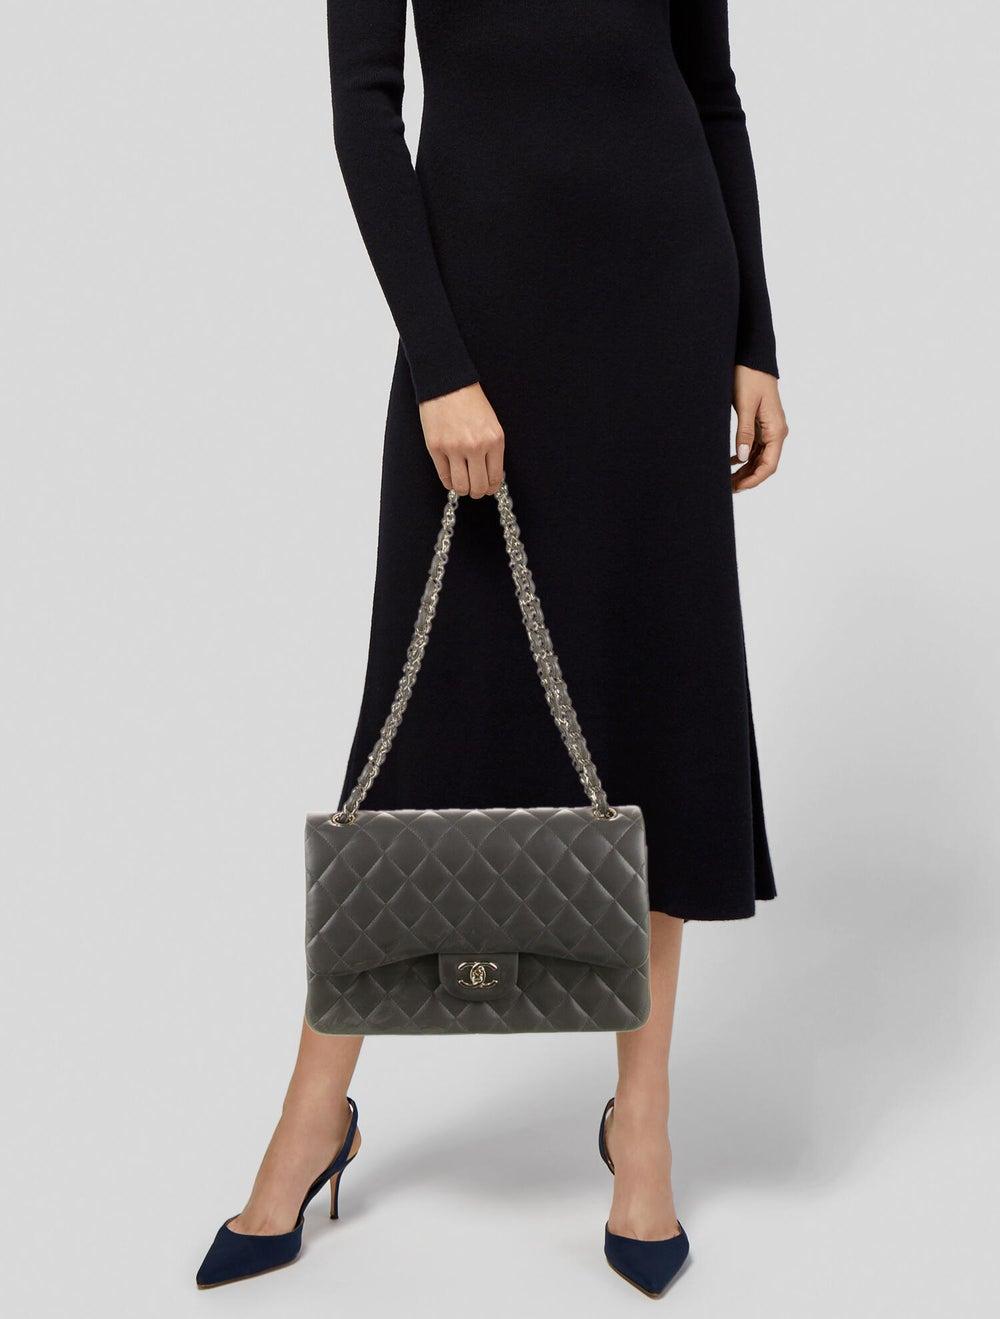 Chanel 2020 Classic Jumbo Double Flap Bag Grey - image 2